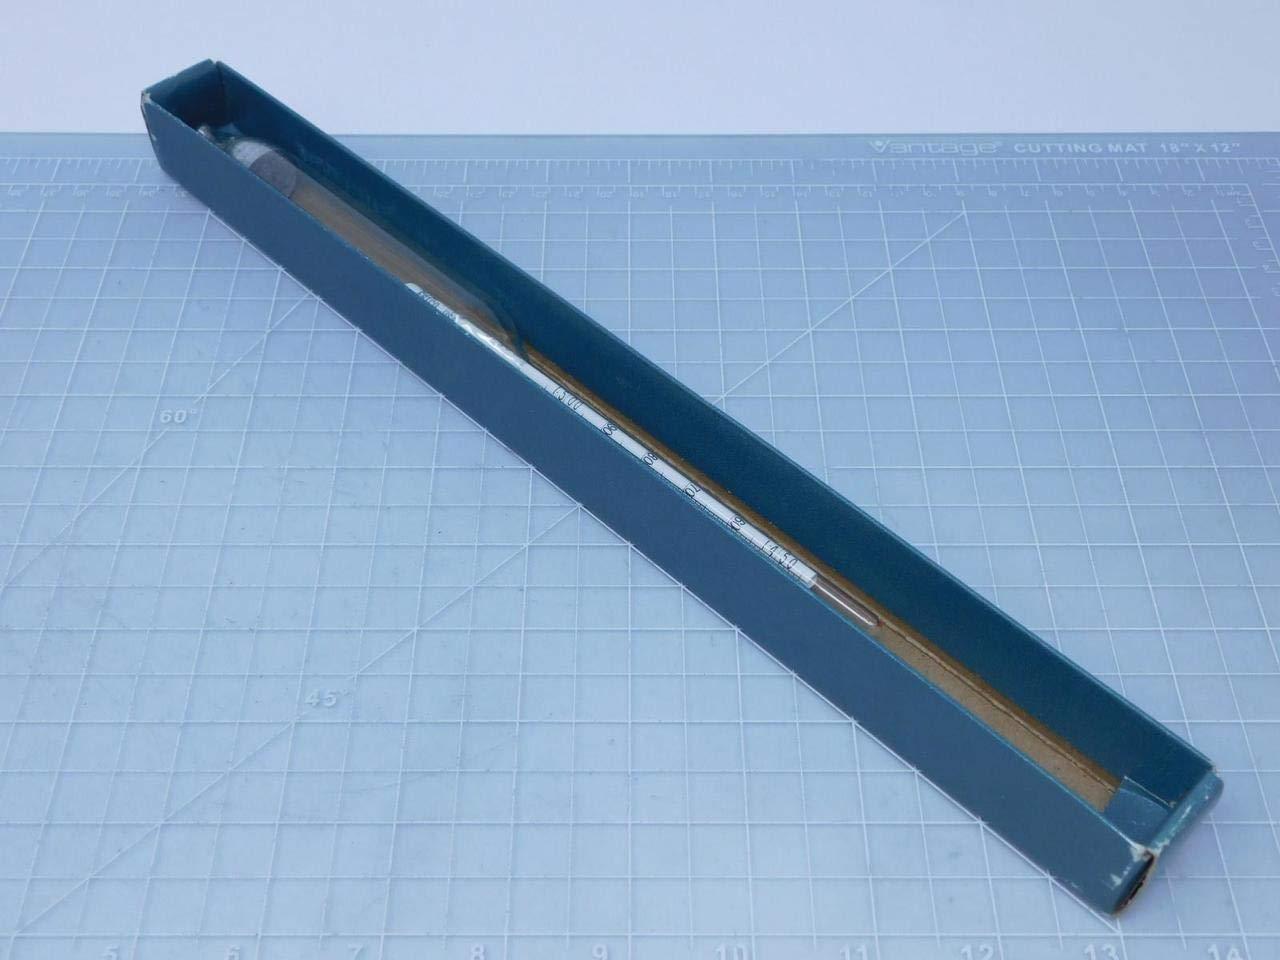 VWR Scientific 35126 140 Hydrometer T128966